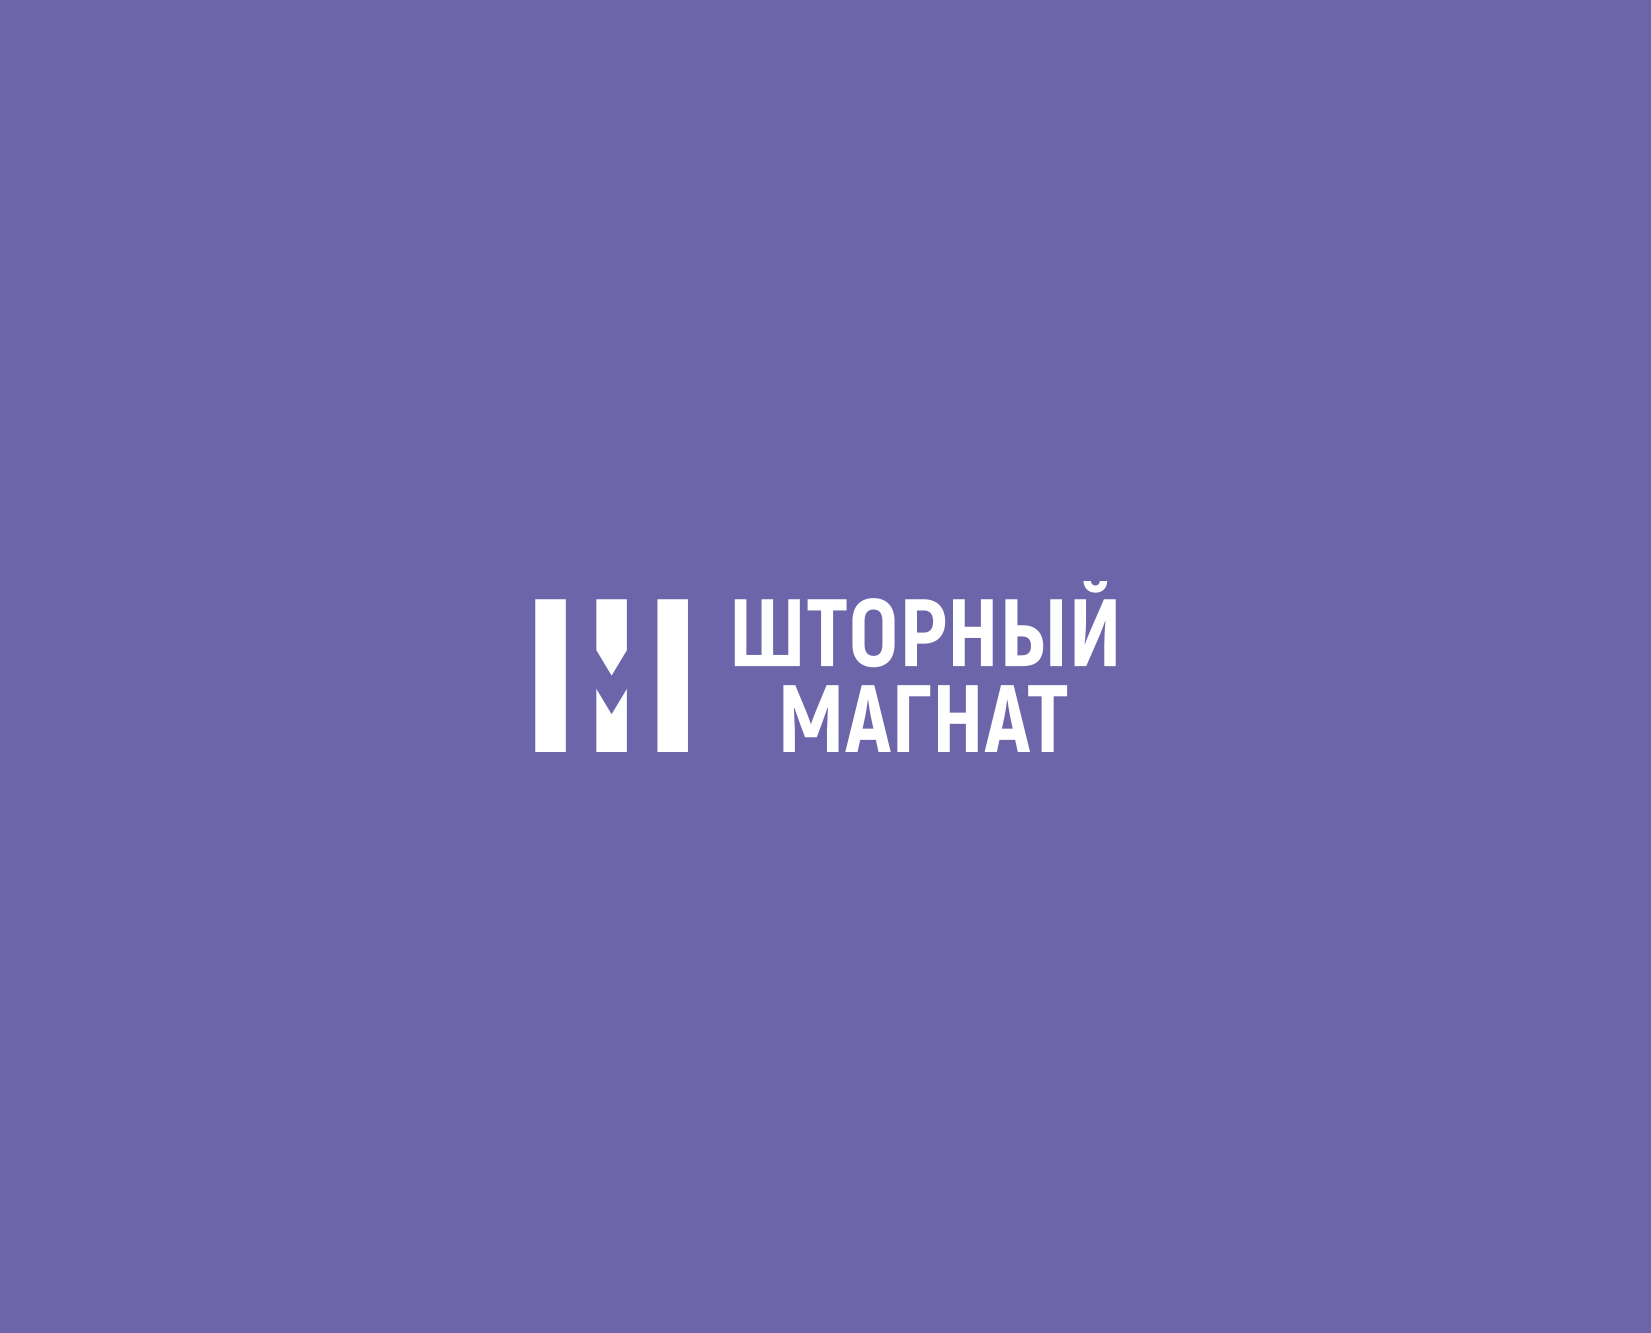 Логотип и фирменный стиль для магазина тканей. фото f_1985cd9d265a5797.png